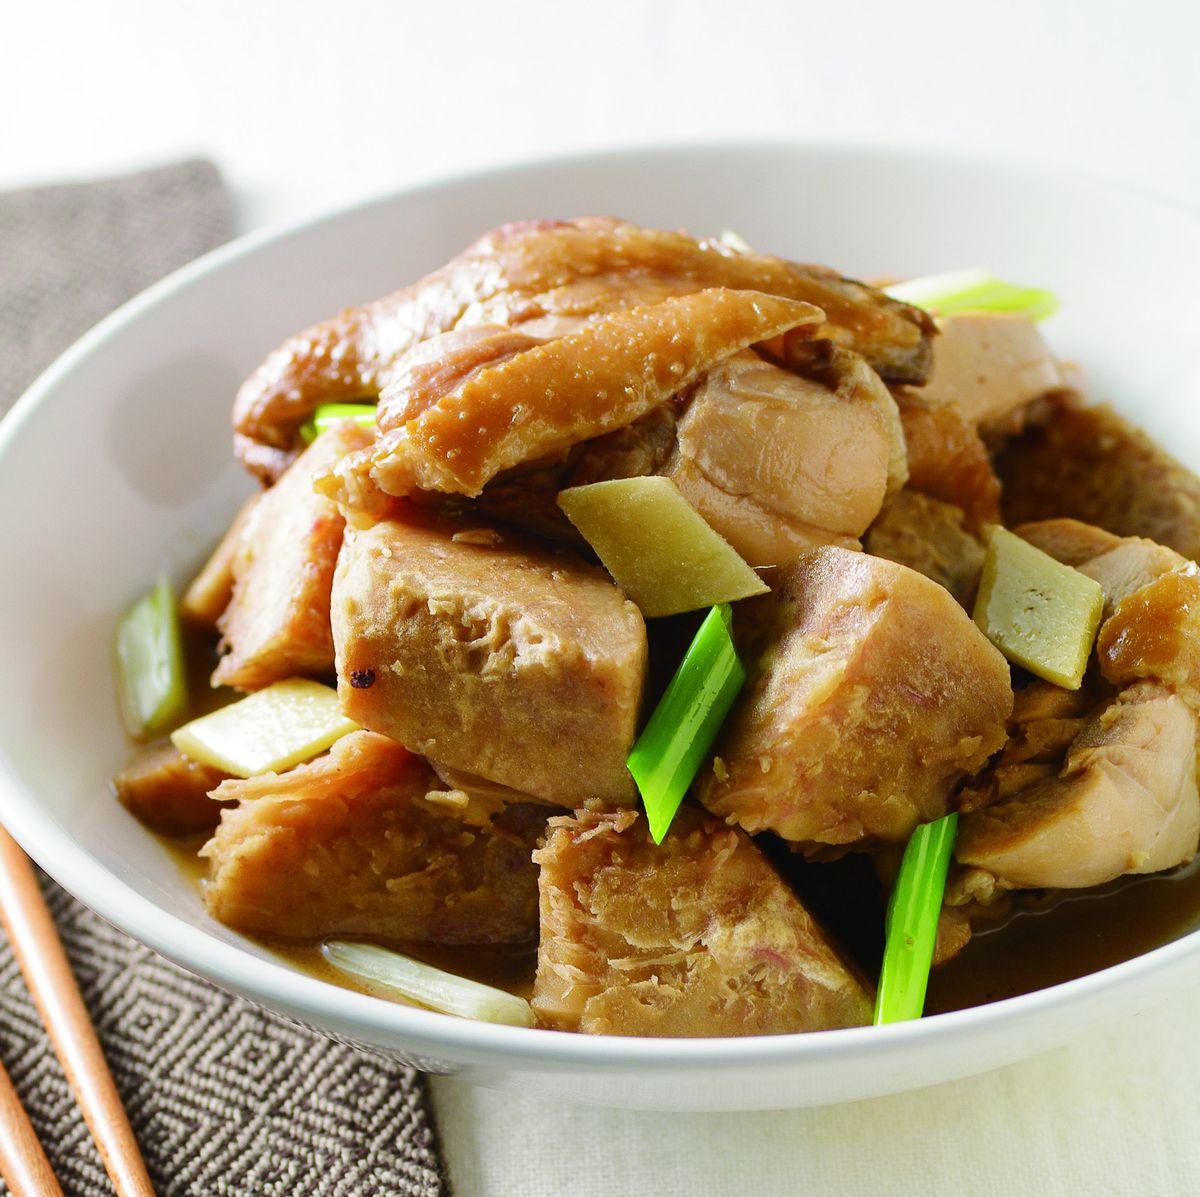 食譜:芋頭燒雞腿